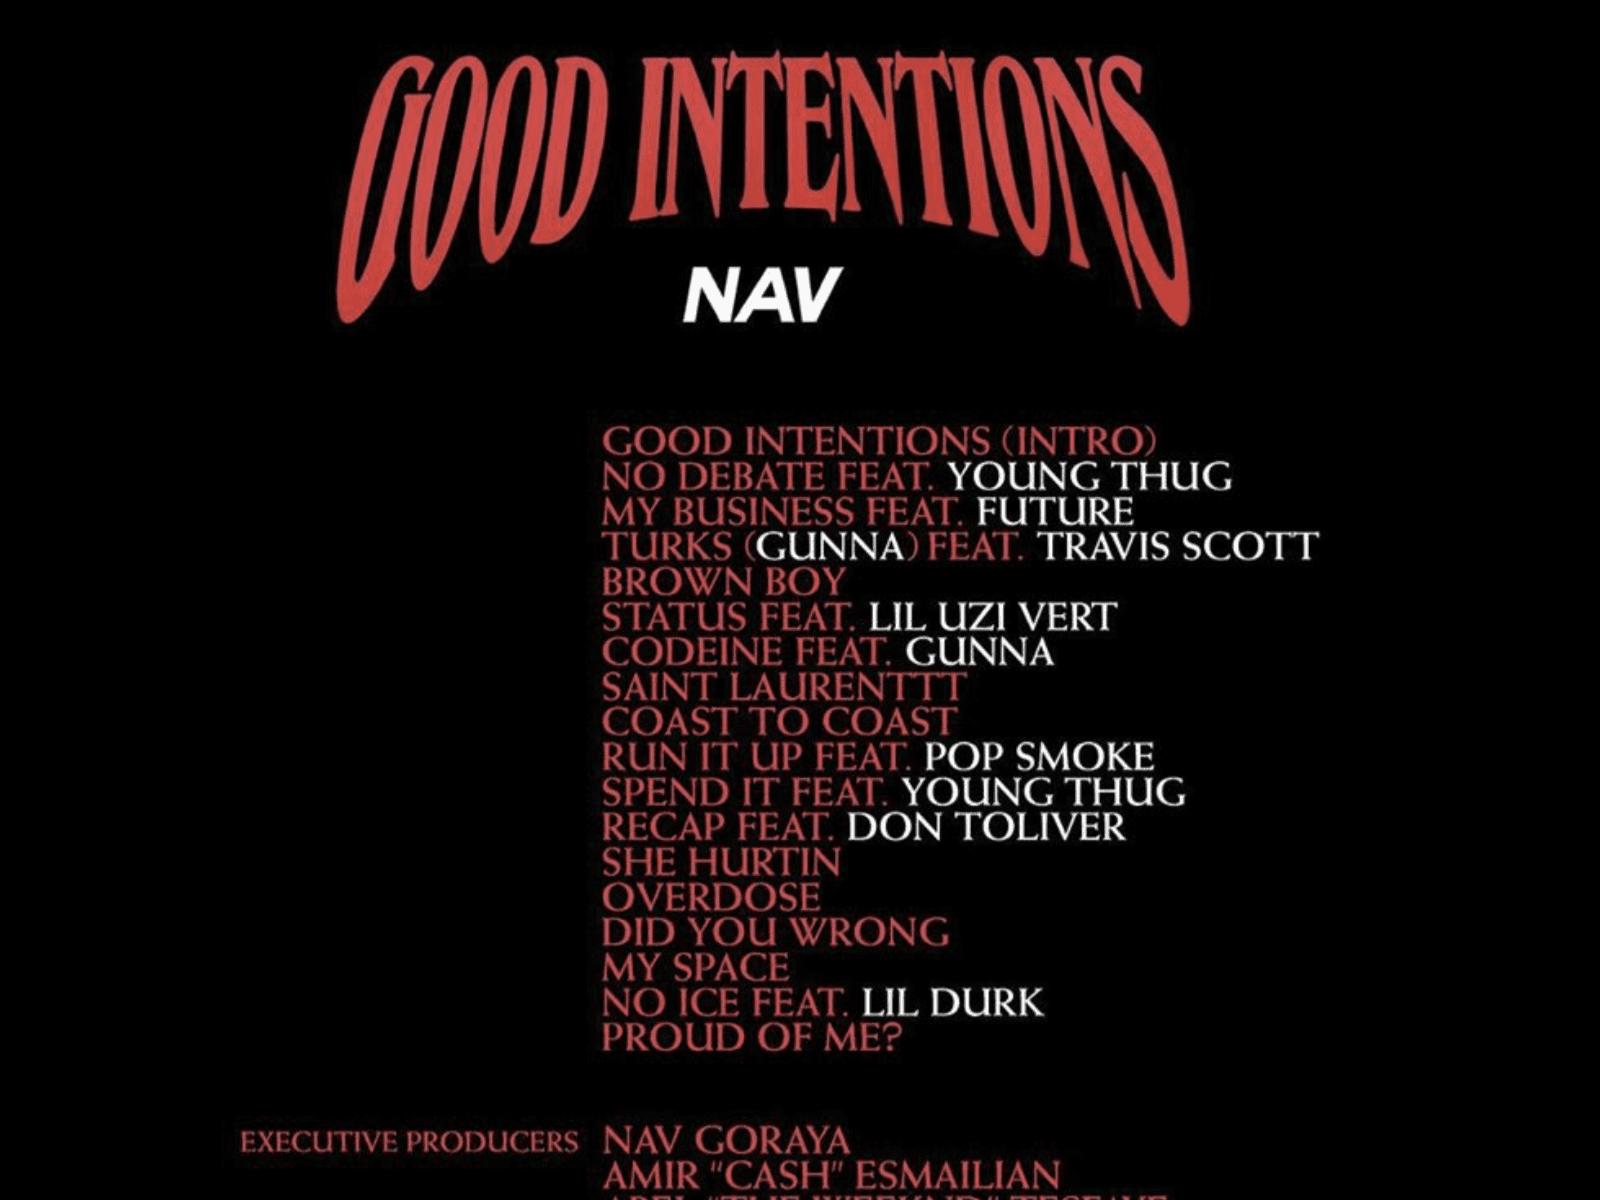 NAV Good Intentions Tracklisting